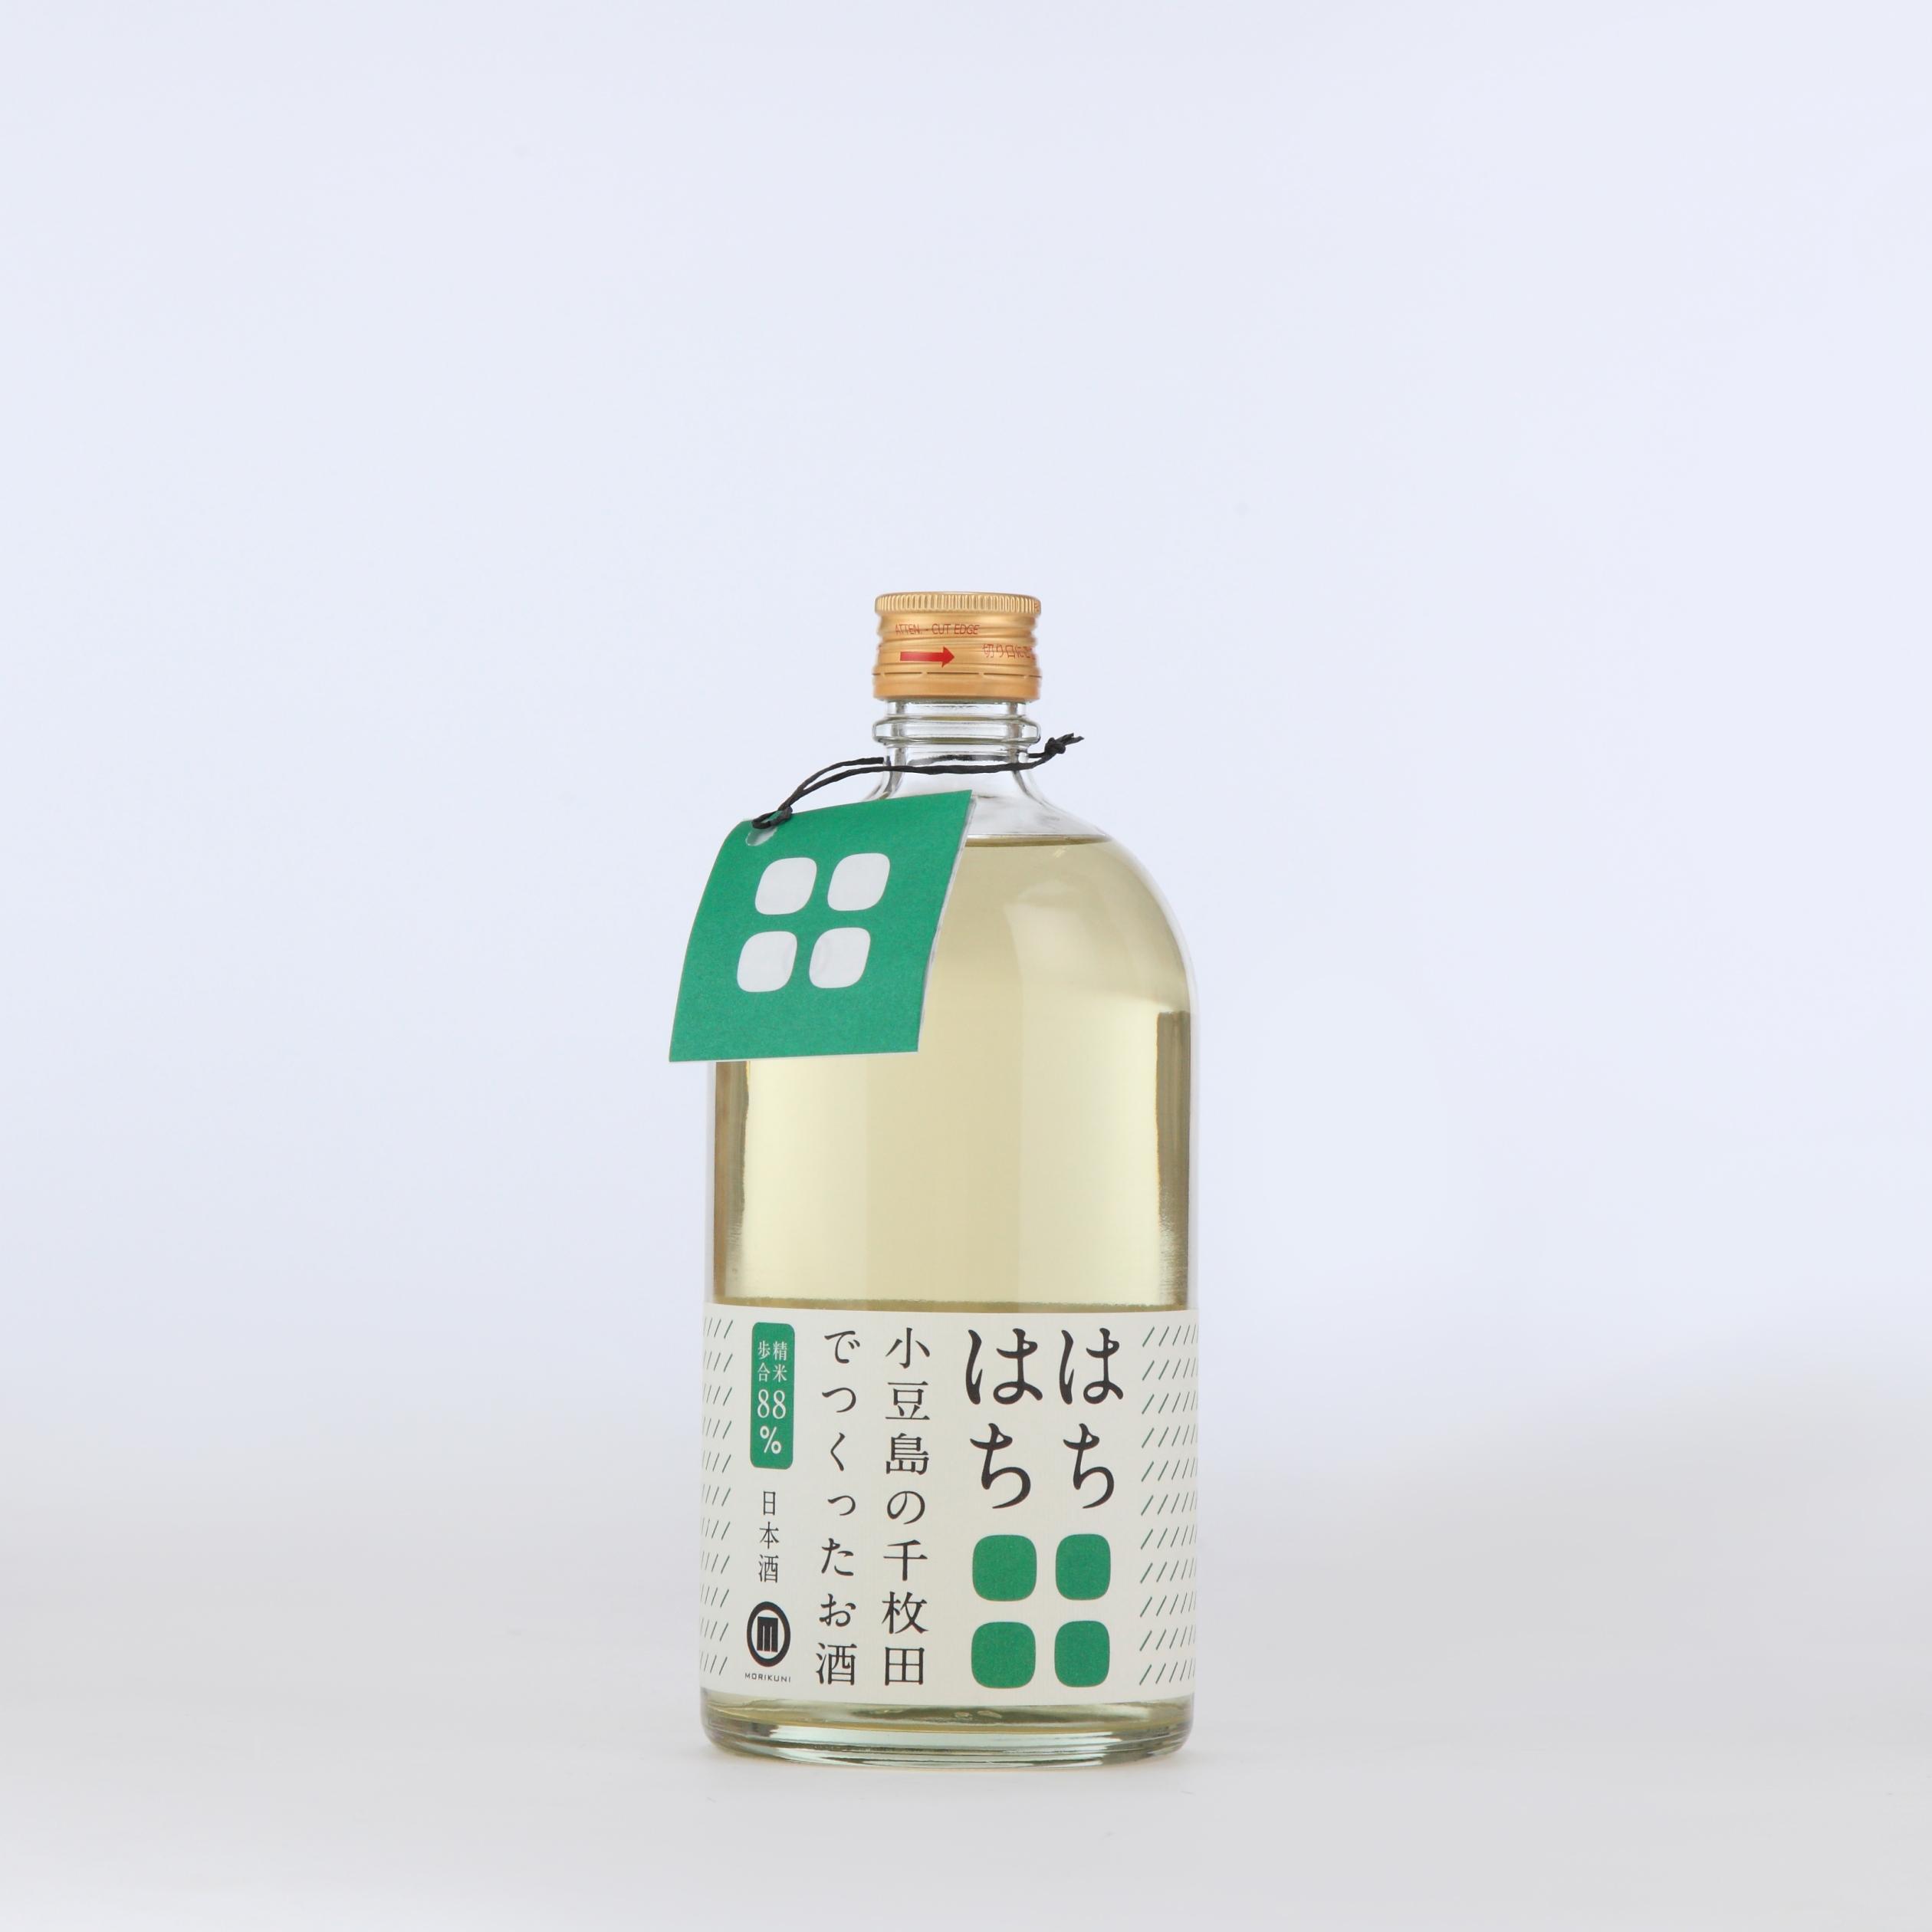 【香川県│小豆島酒造】 はちはち【同梱不可・産地直送】